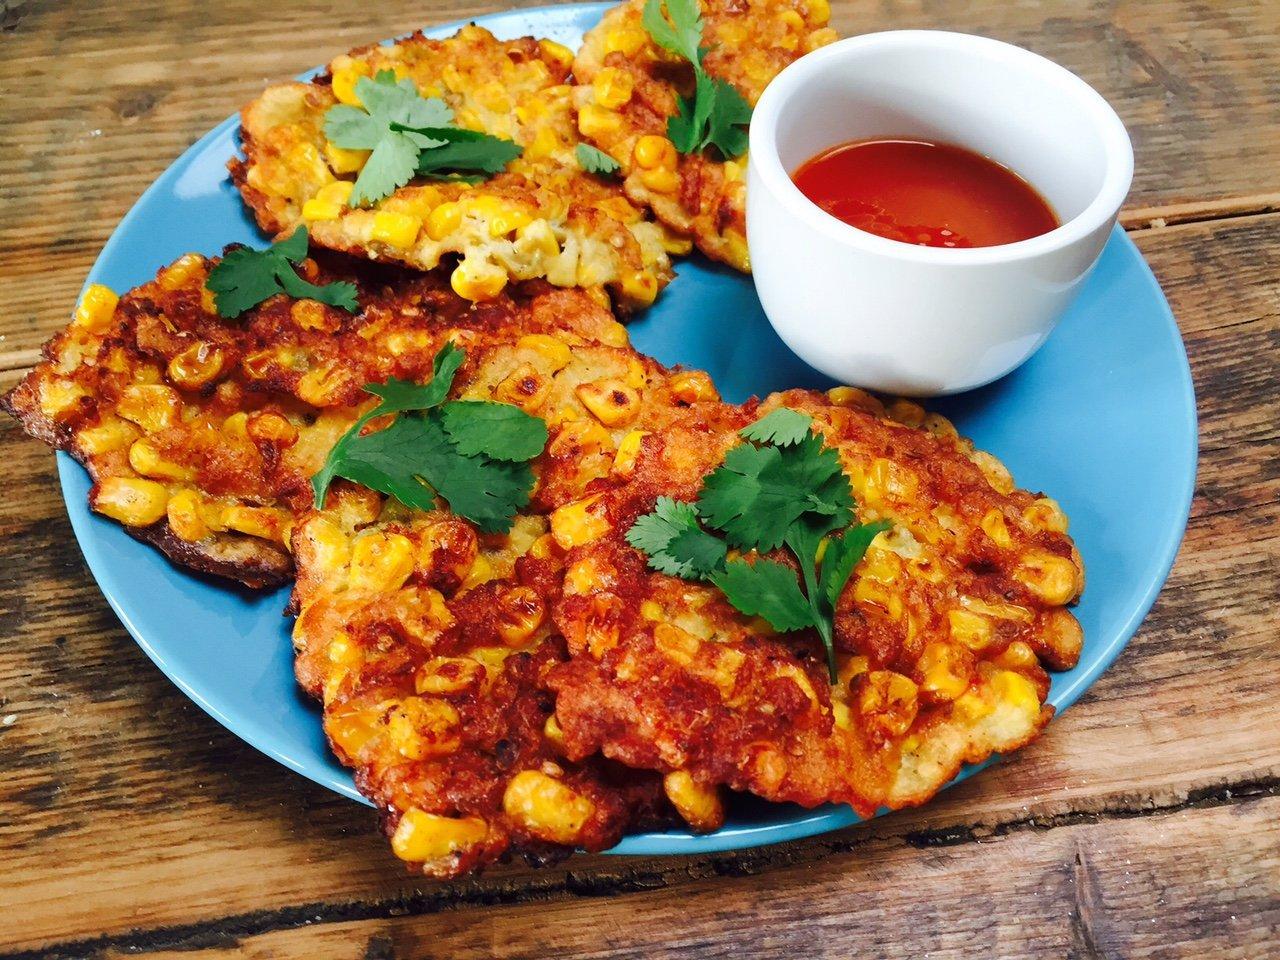 Recept Indonesische maiskoekjes oud en nieuw snackrecept foodblog Foodinista